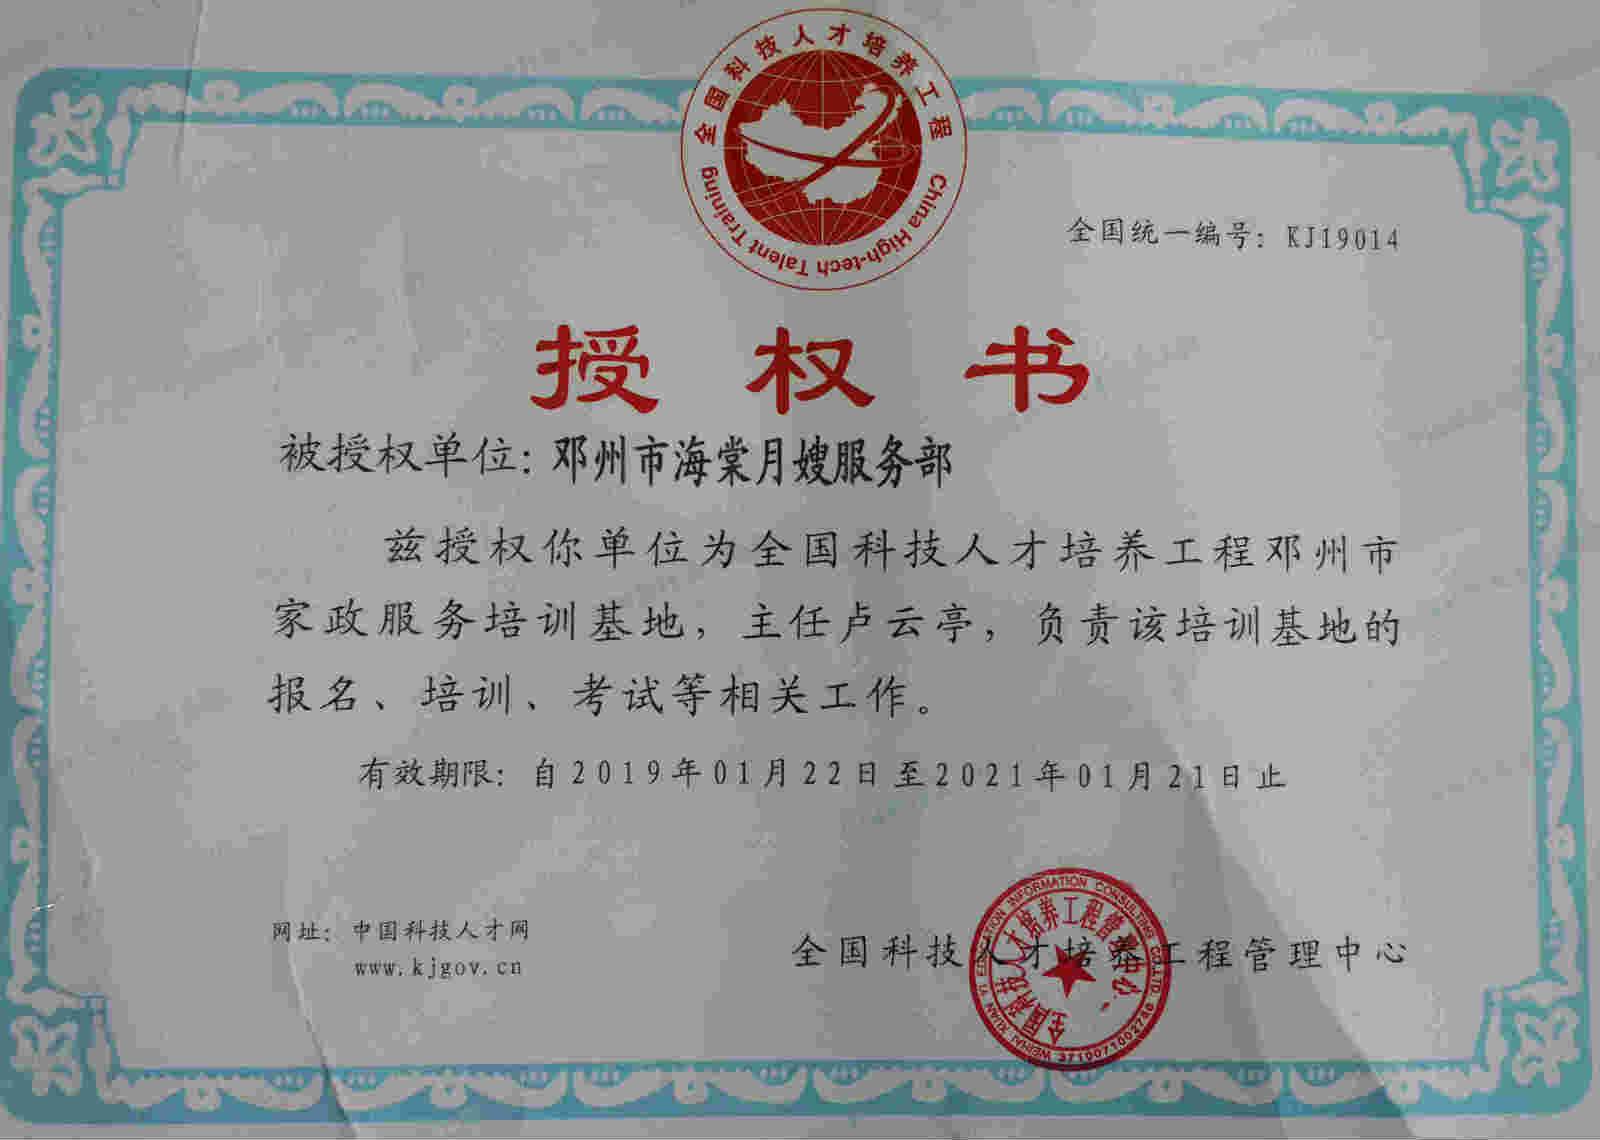 """邓州海棠月嫂服务部被授予""""全国科技人才管理培训基地"""""""